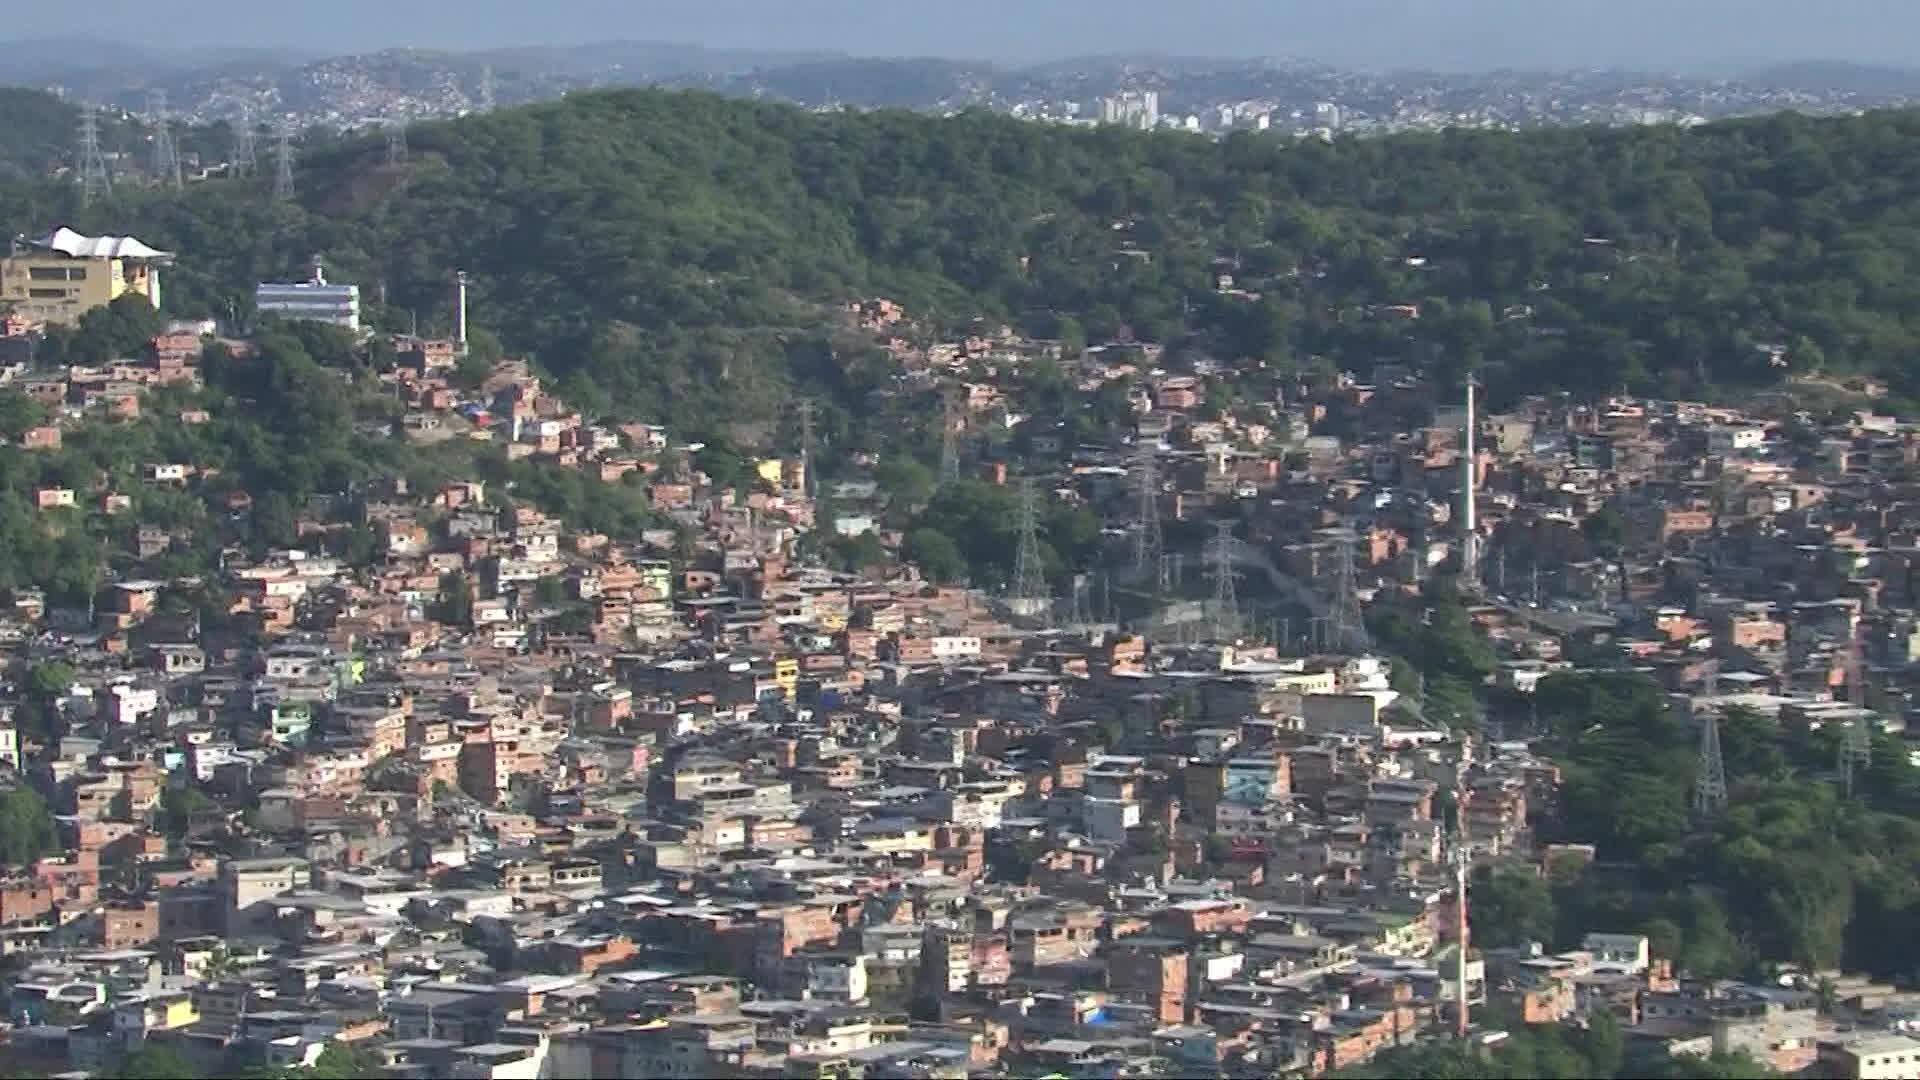 Pesquisa revela que 54% dos moradores de favelas do Rio perderam empregos na pandemia